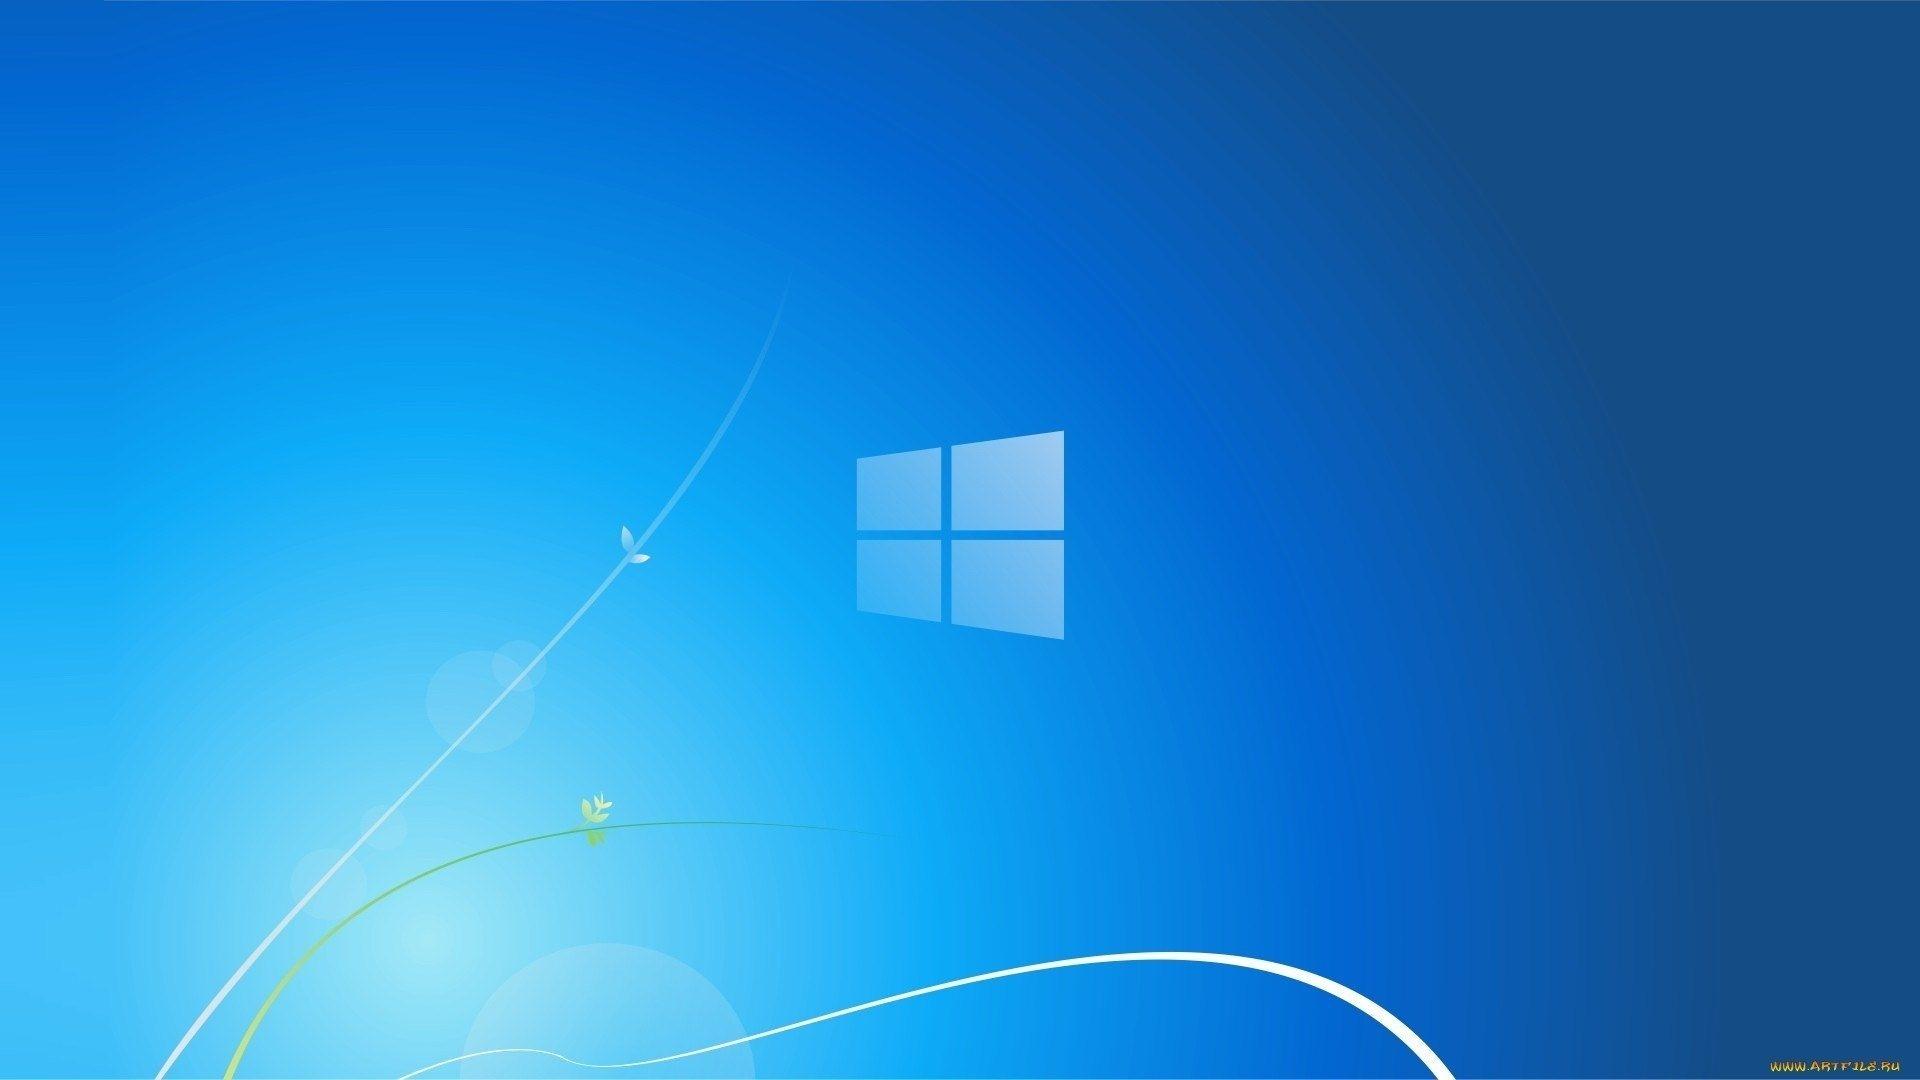 Windows 8 Wallpaper HD 7037260 1920x1080